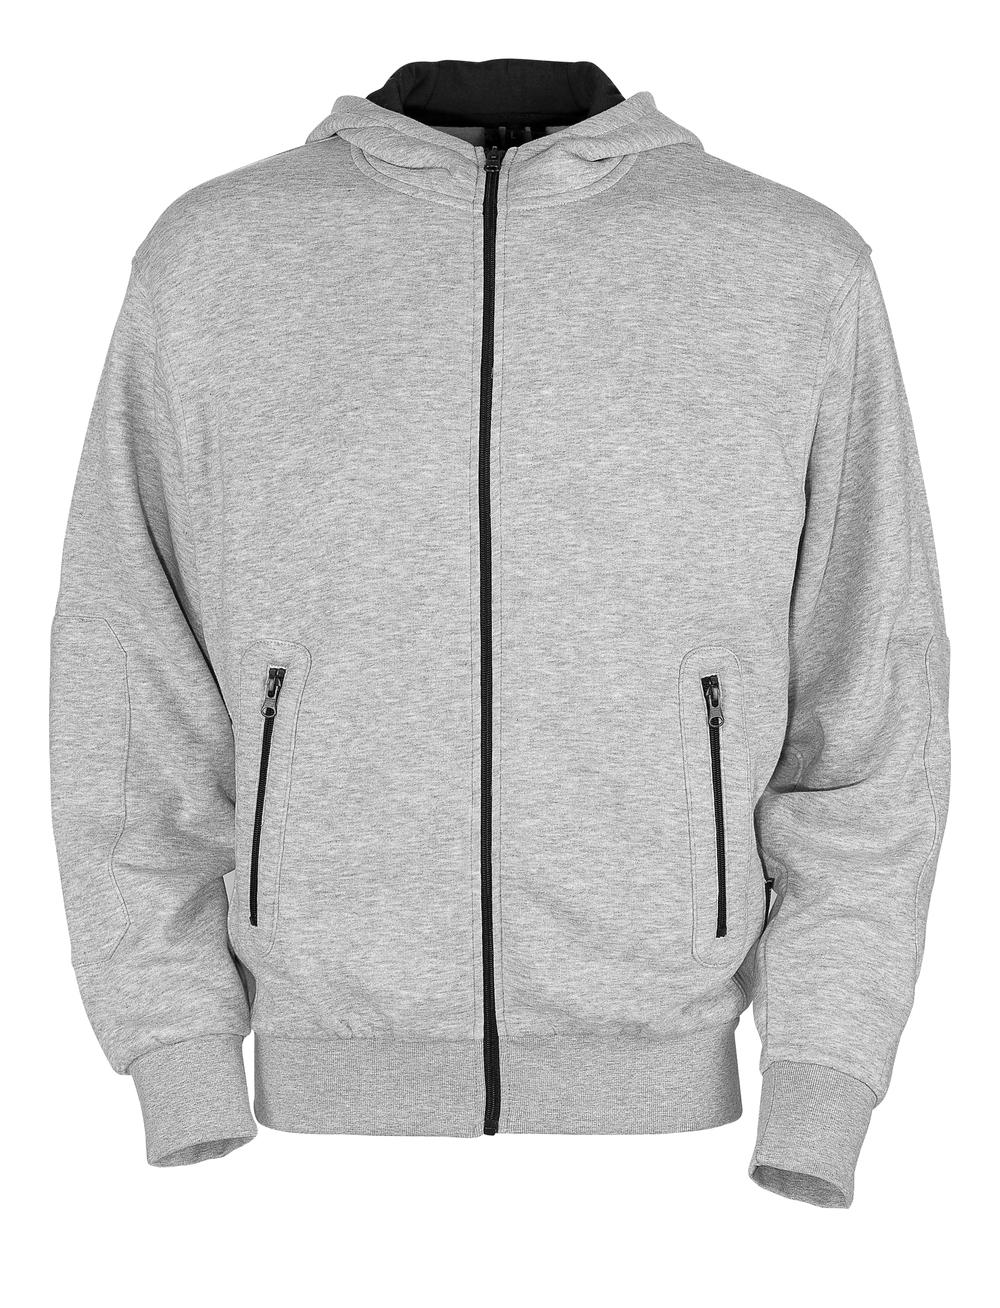 50423-191-08 Kapuzensweatshirt mit Reißverschluss - Grau-meliert